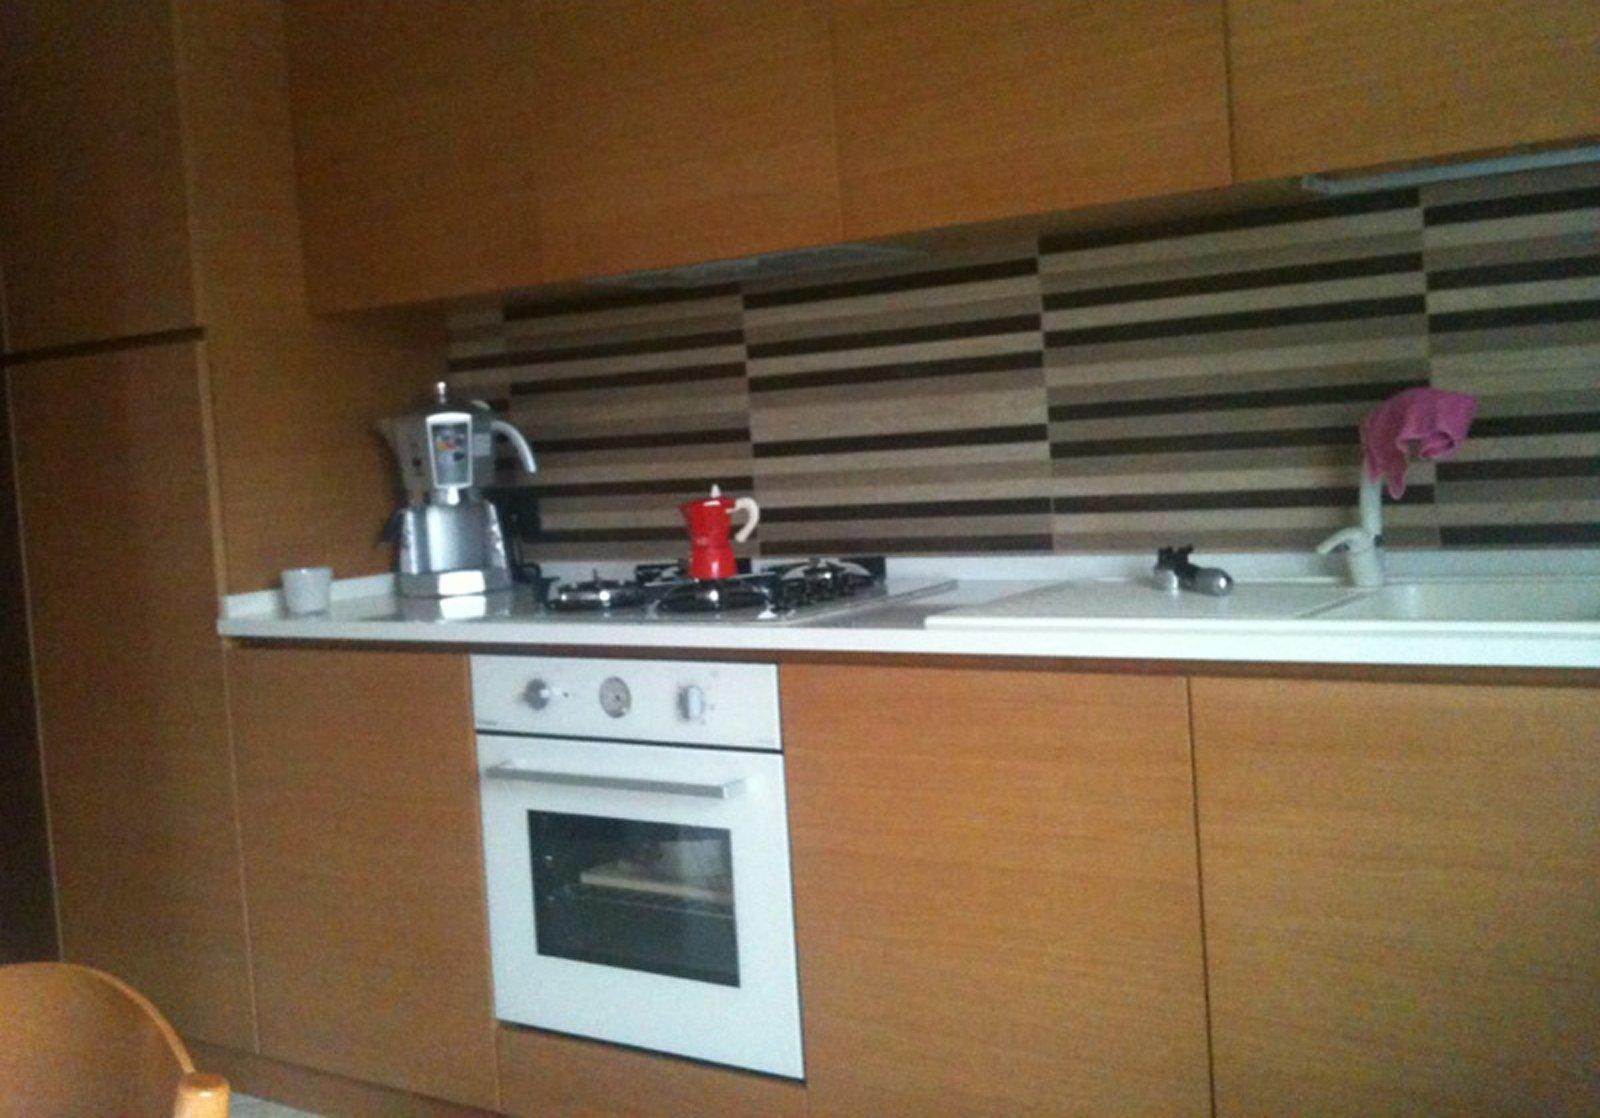 Relooking cucina: nuovo colore per i mobili - Cose di Casa